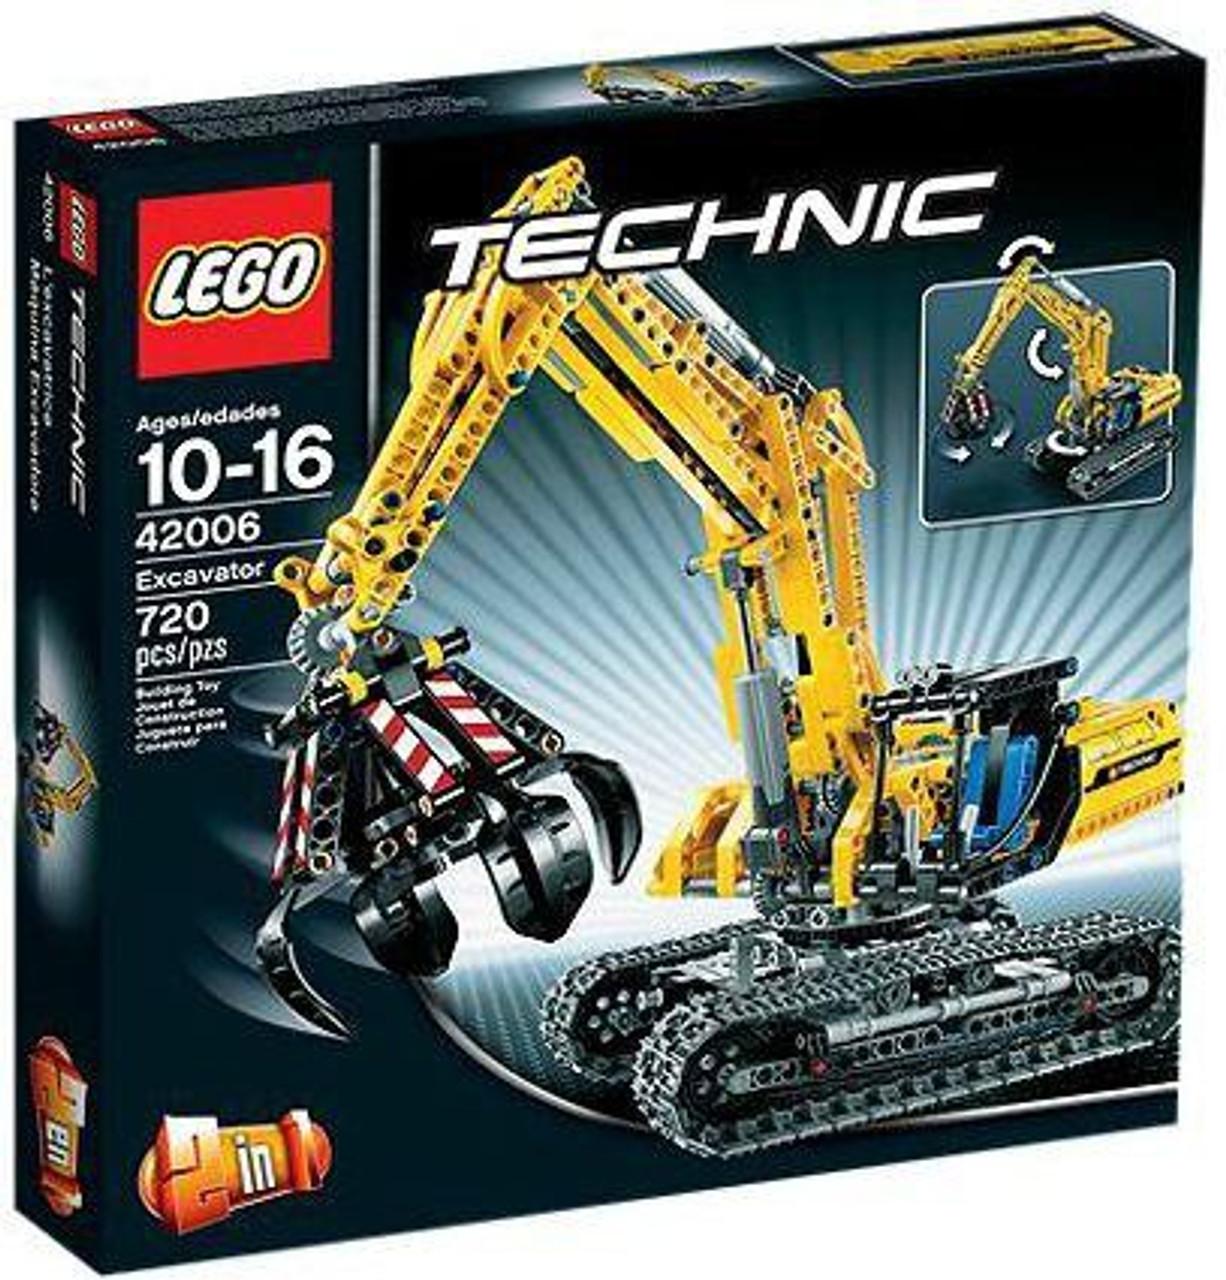 LEGO Technic Excavator Set #42006